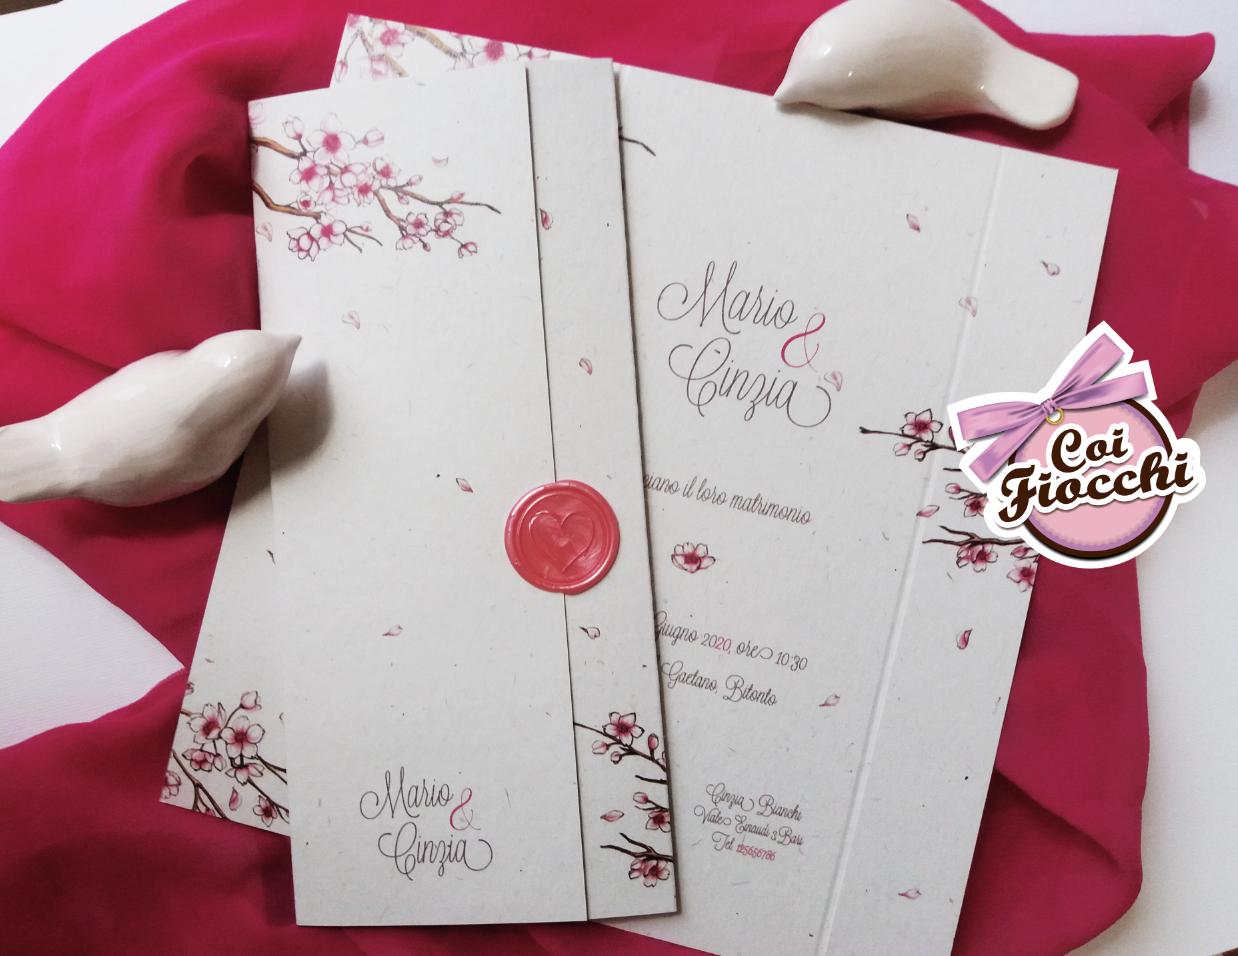 Scegliere la carta giusta per la partecipazione di nozze _carta riciclata con rami di ciliegio e ceralacca